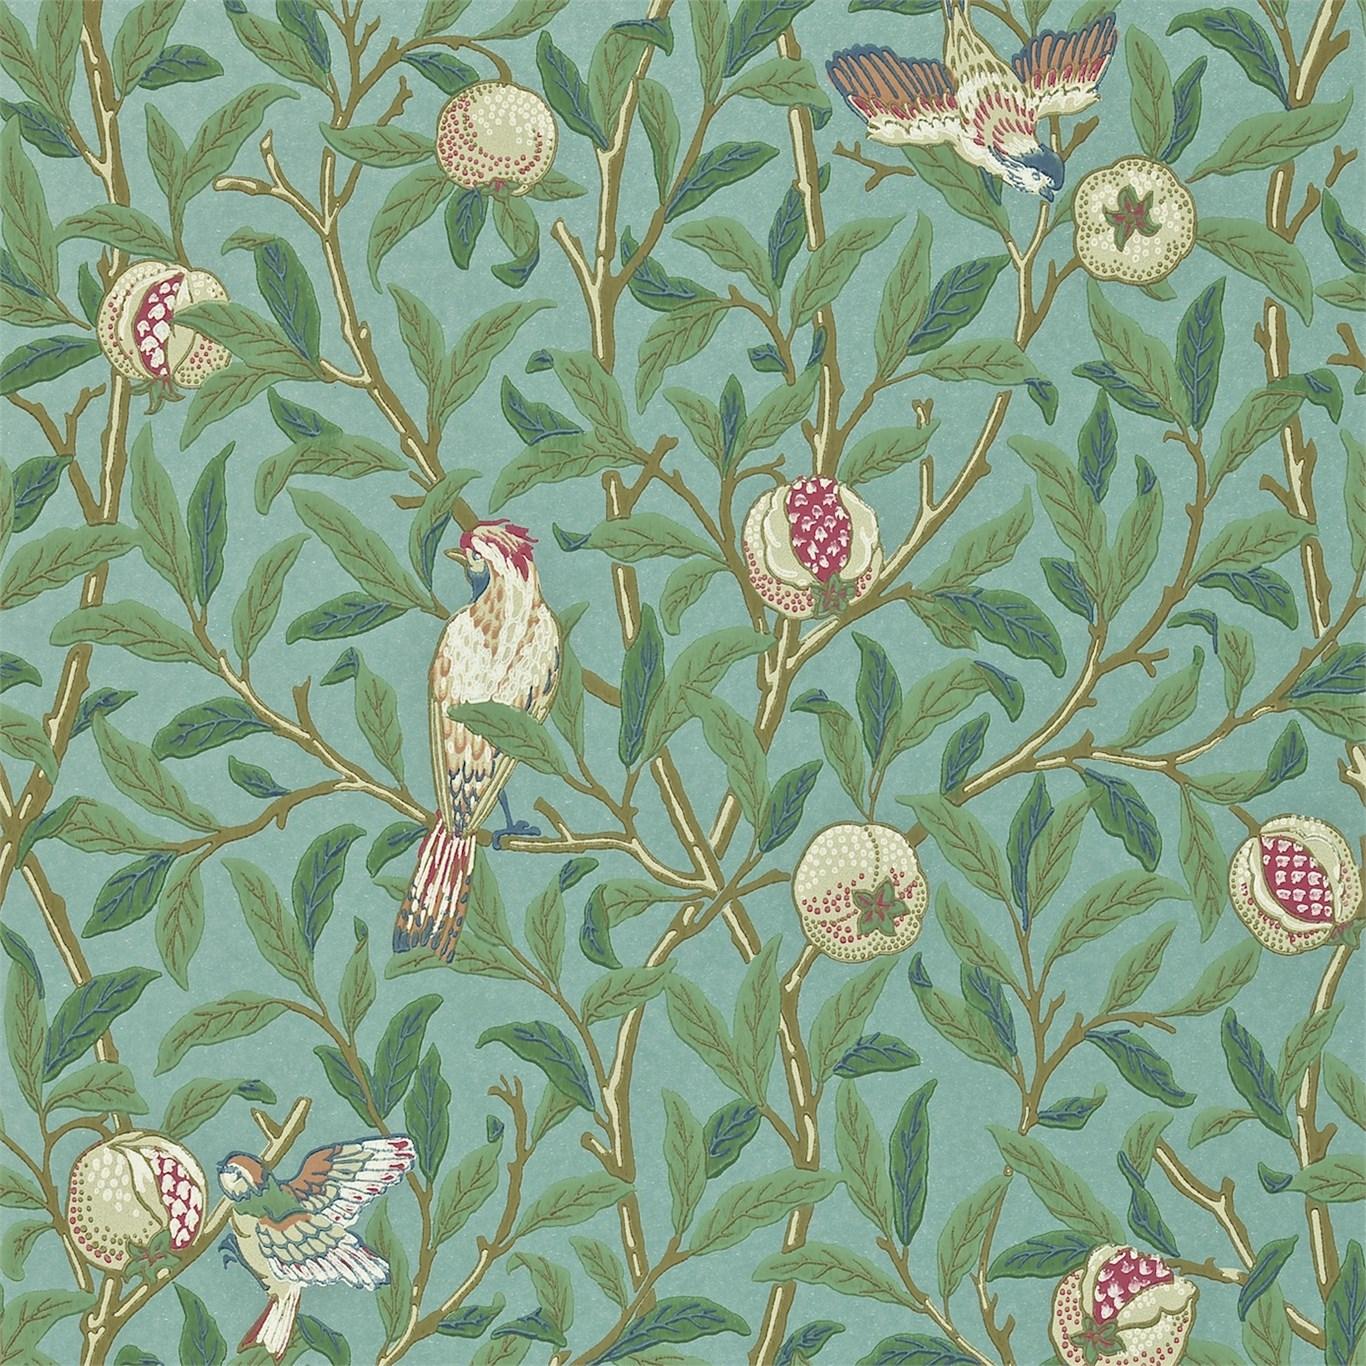 Tapet William Morris Bird & Pomegranate 212538